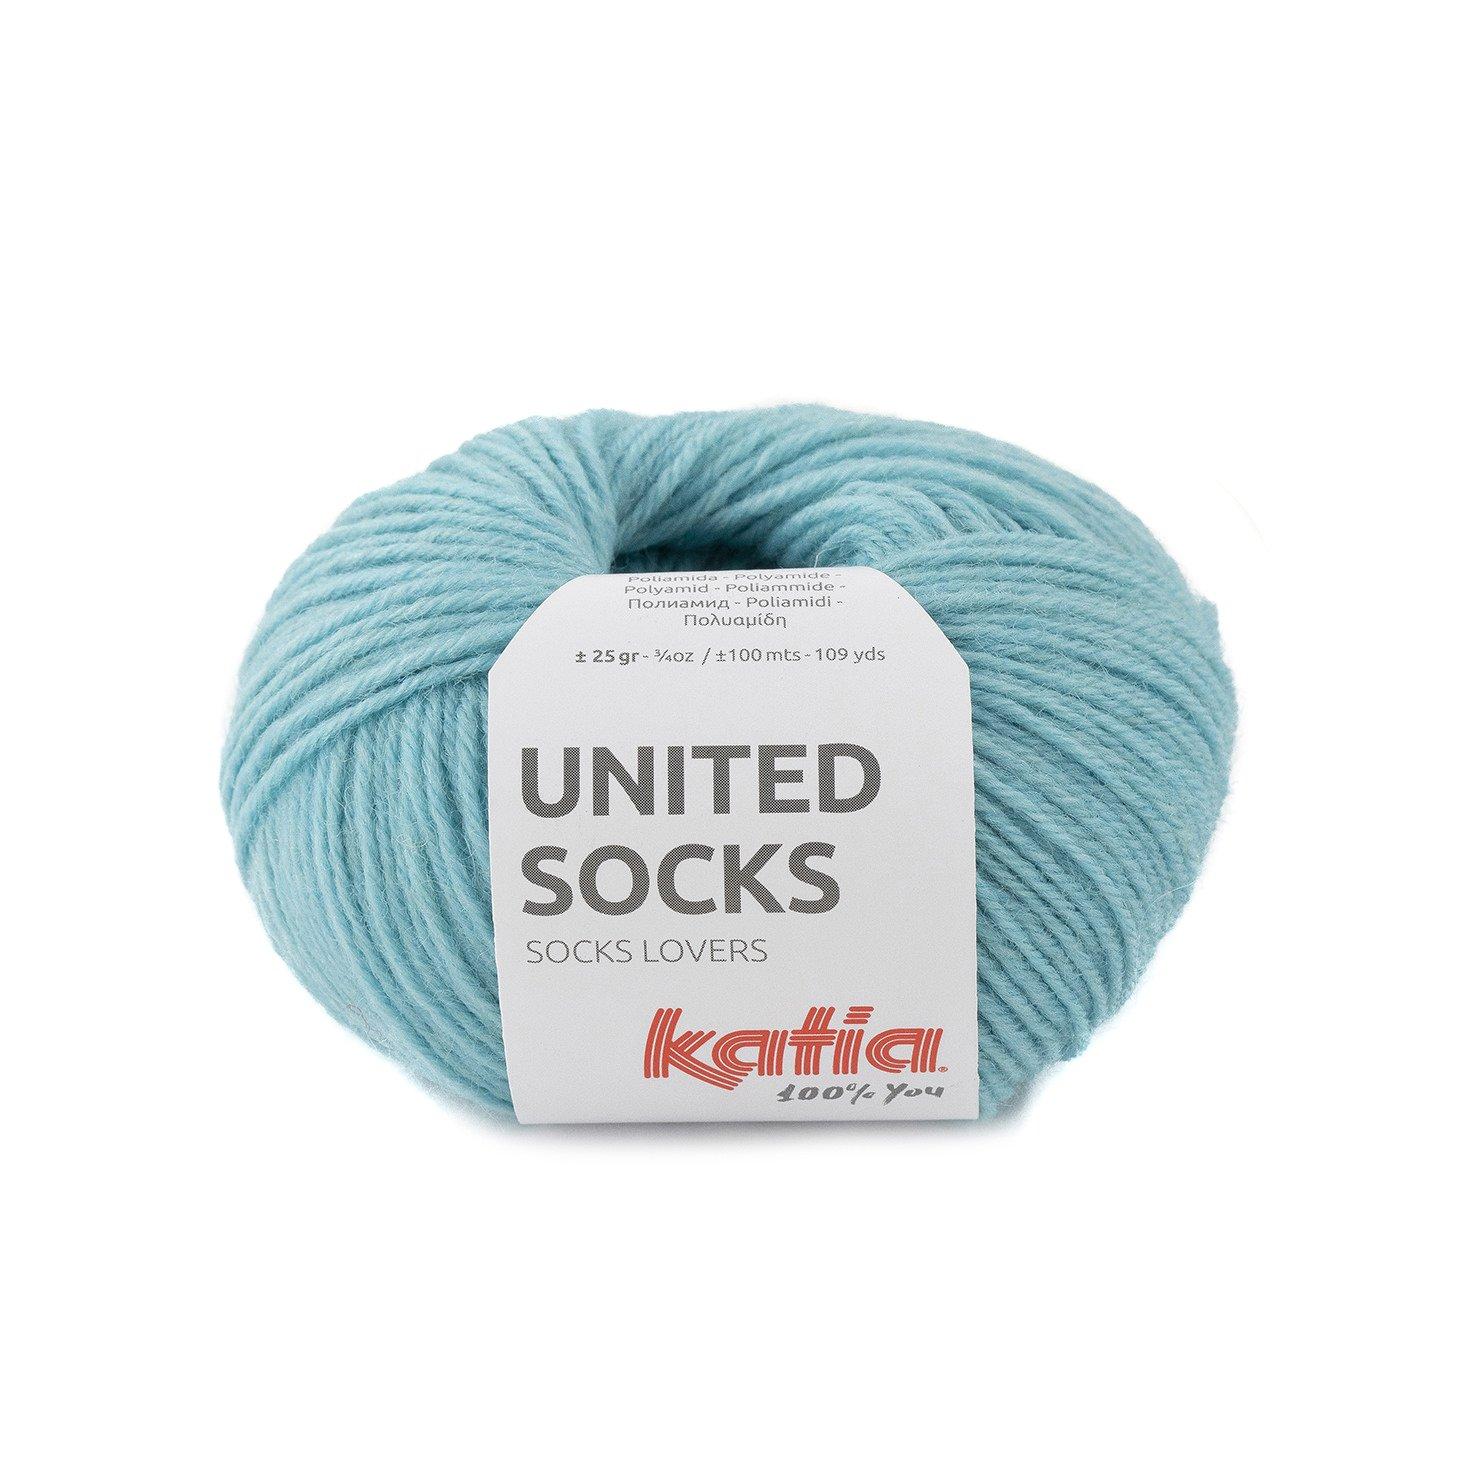 sokkenwol waterblauw